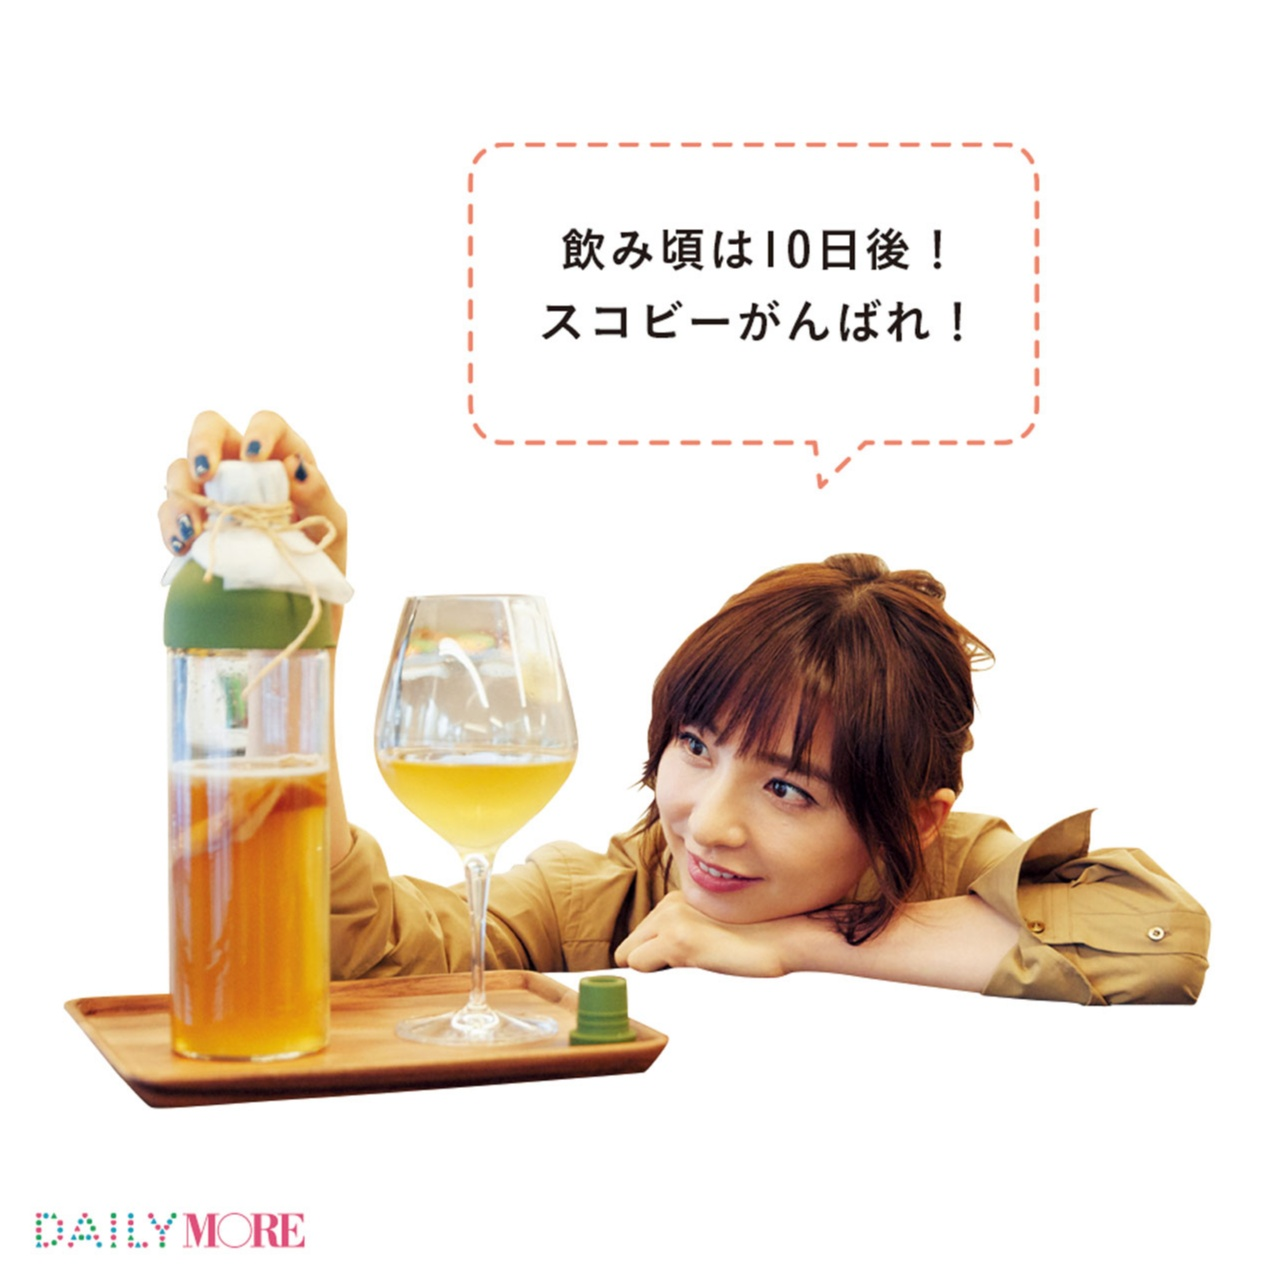 篠田麻里子が体験♡ 話題の「『KOMBUCHA』 株分けワークショップ」に行こう!【麻里子のナライゴトハジメ】_3